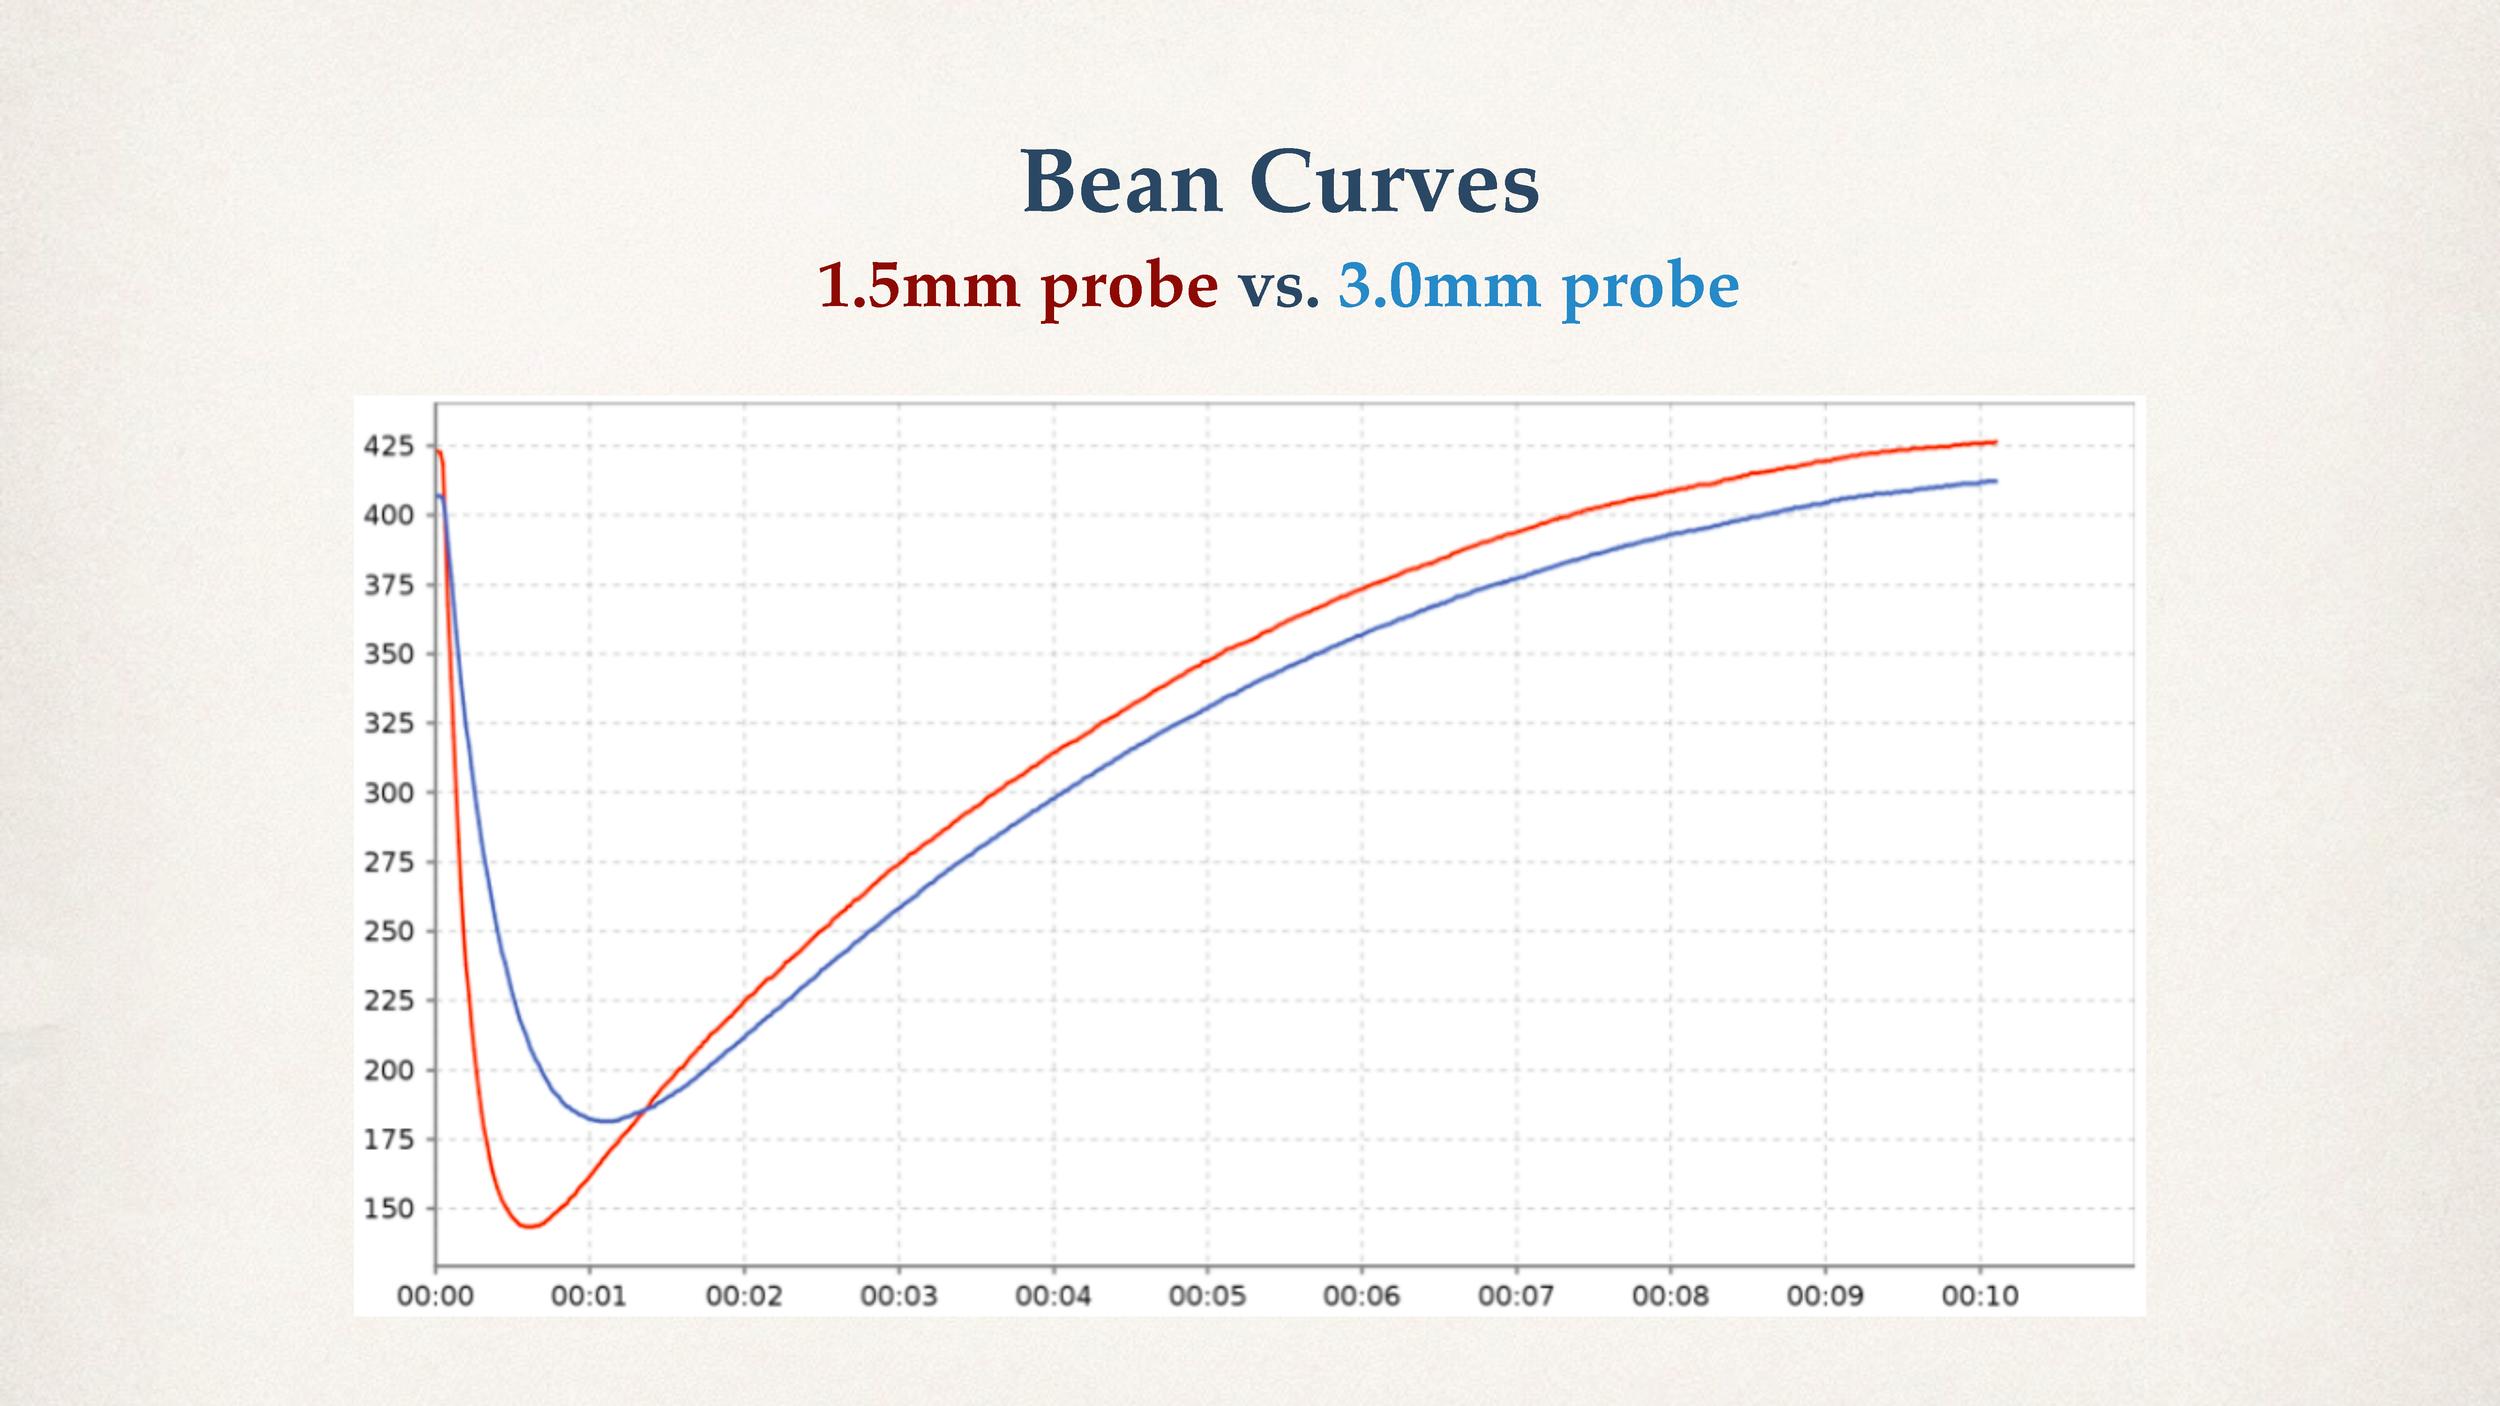 bean-curve-1-5mm-vs-3-0mm